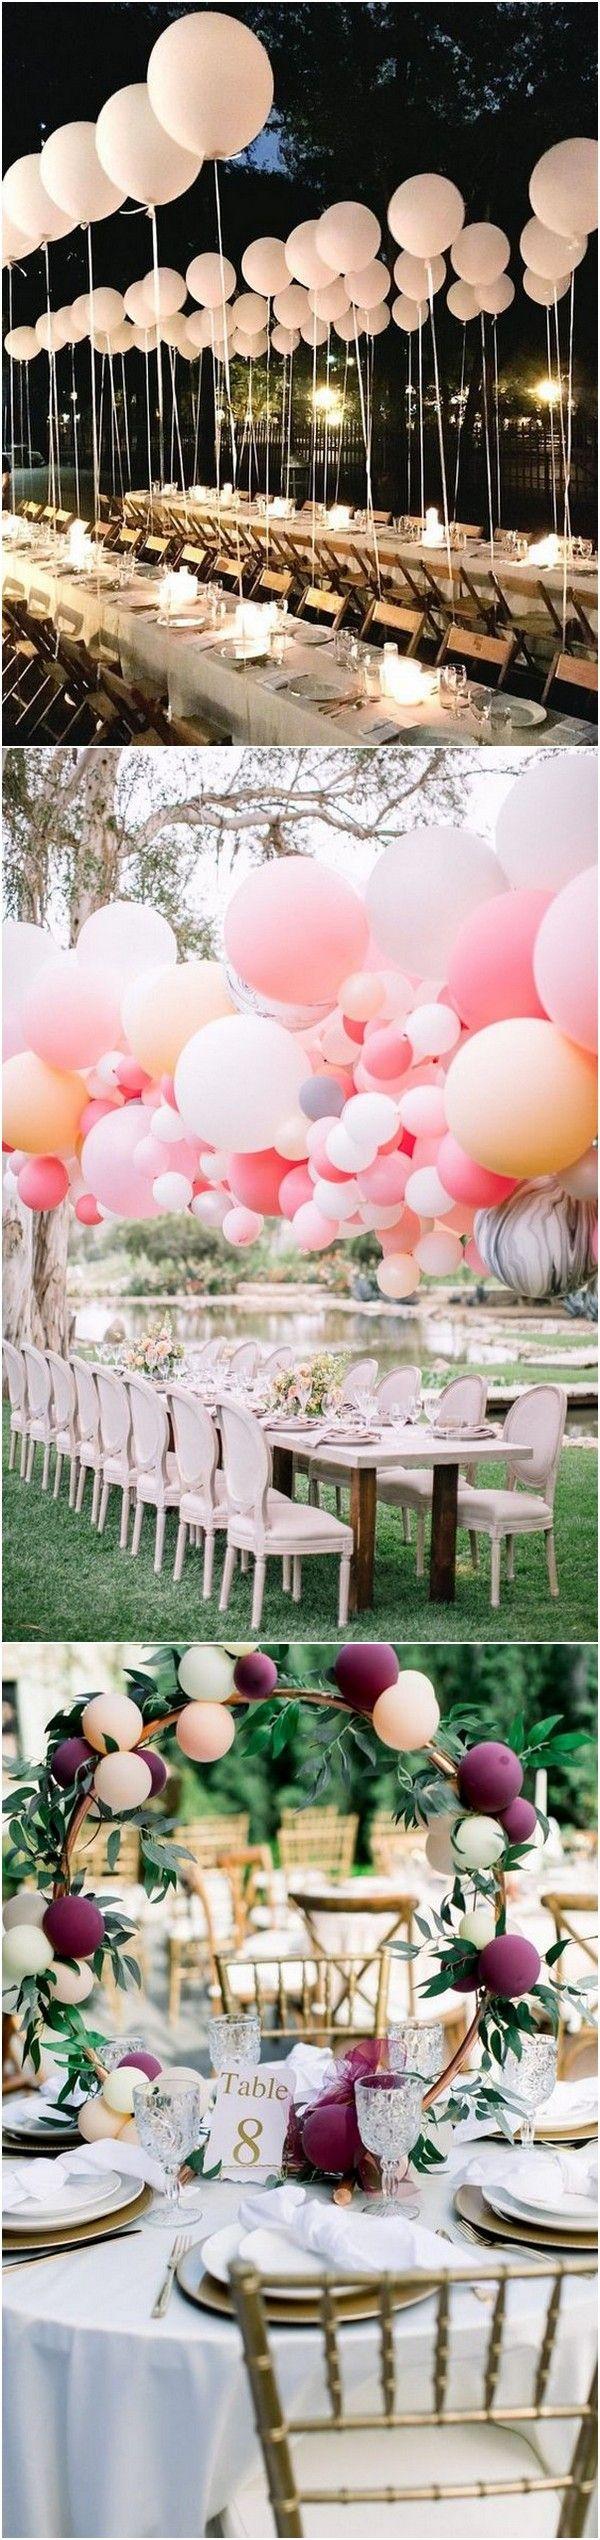 40 tolle Hochzeitsdekoration Ideen mit Luftballons - Seite 2 von 2